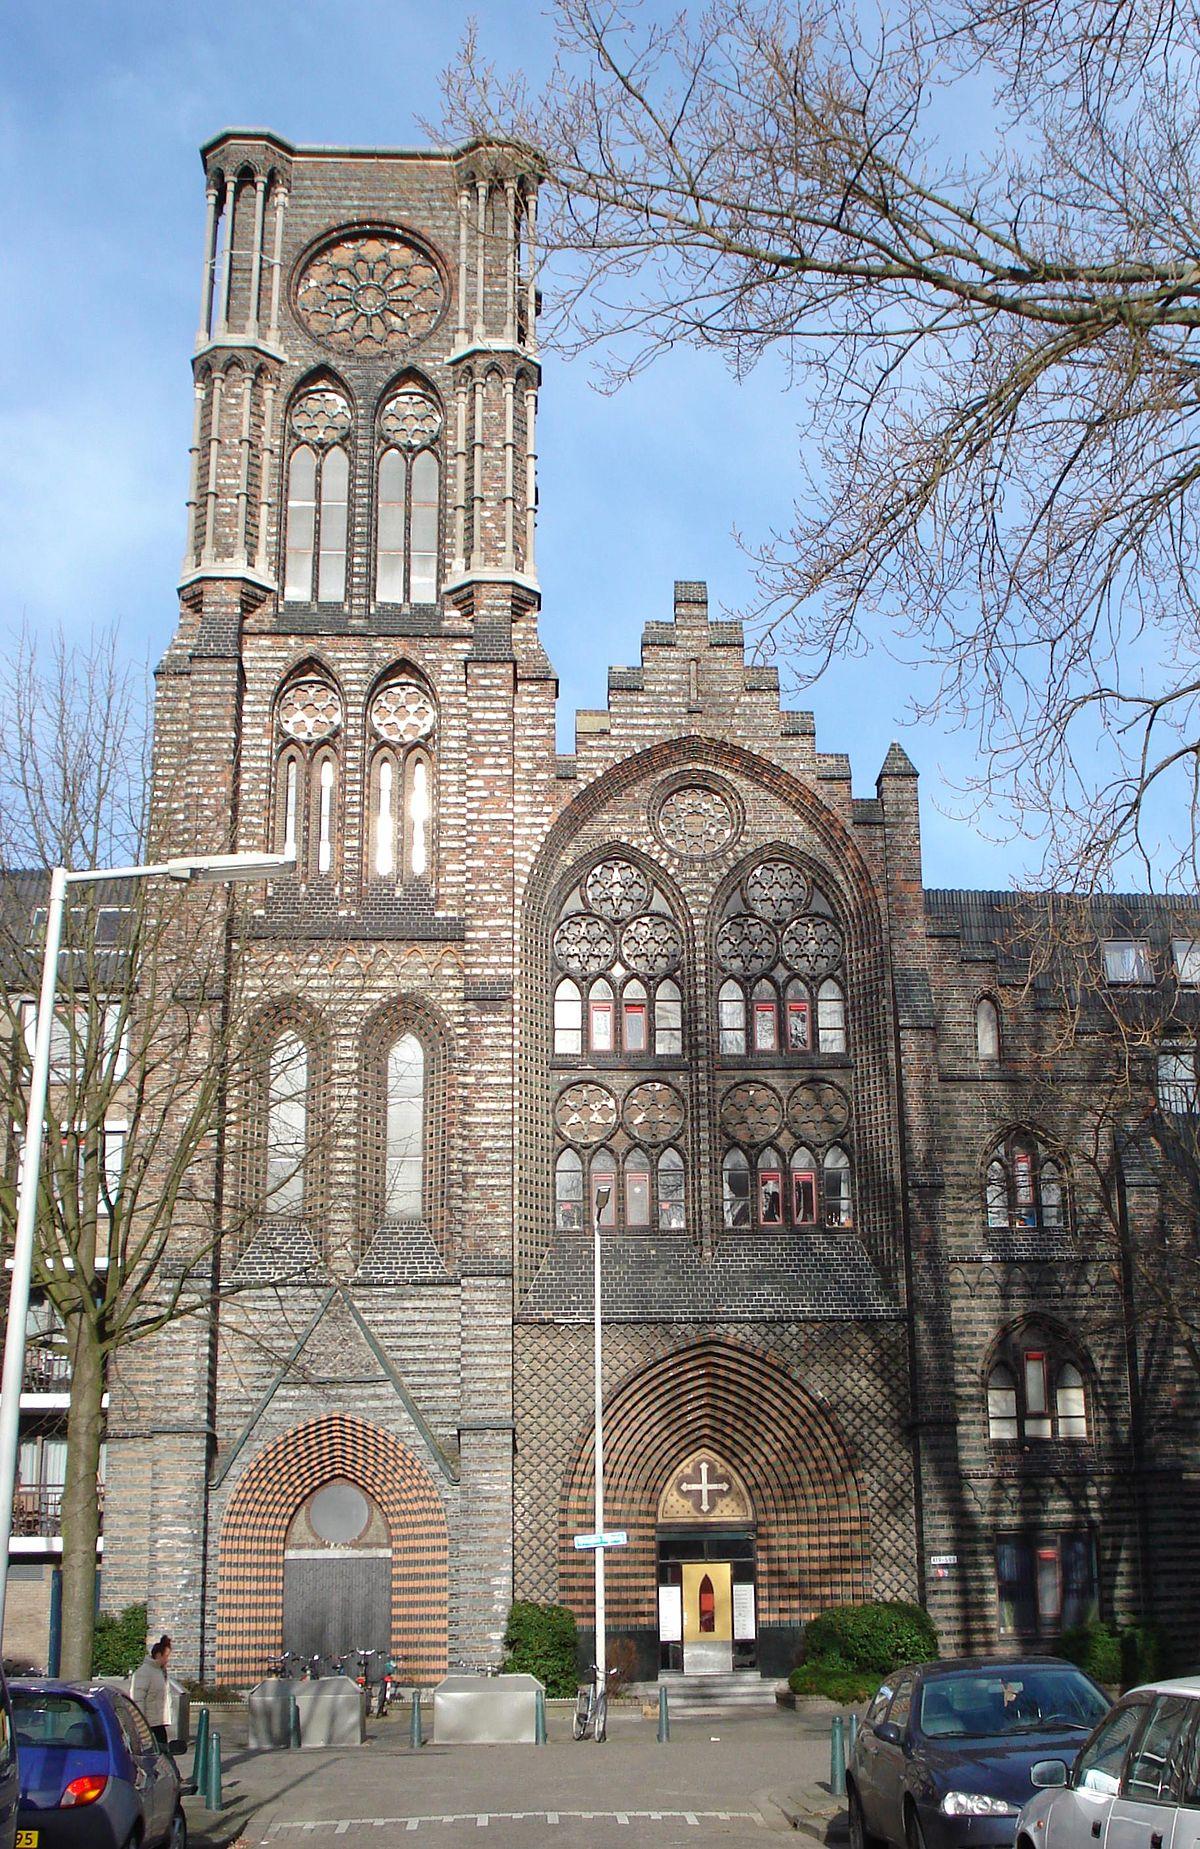 Allerheiligste verlosserkerk rotterdam wikipedia for Rotterdam crooswijk